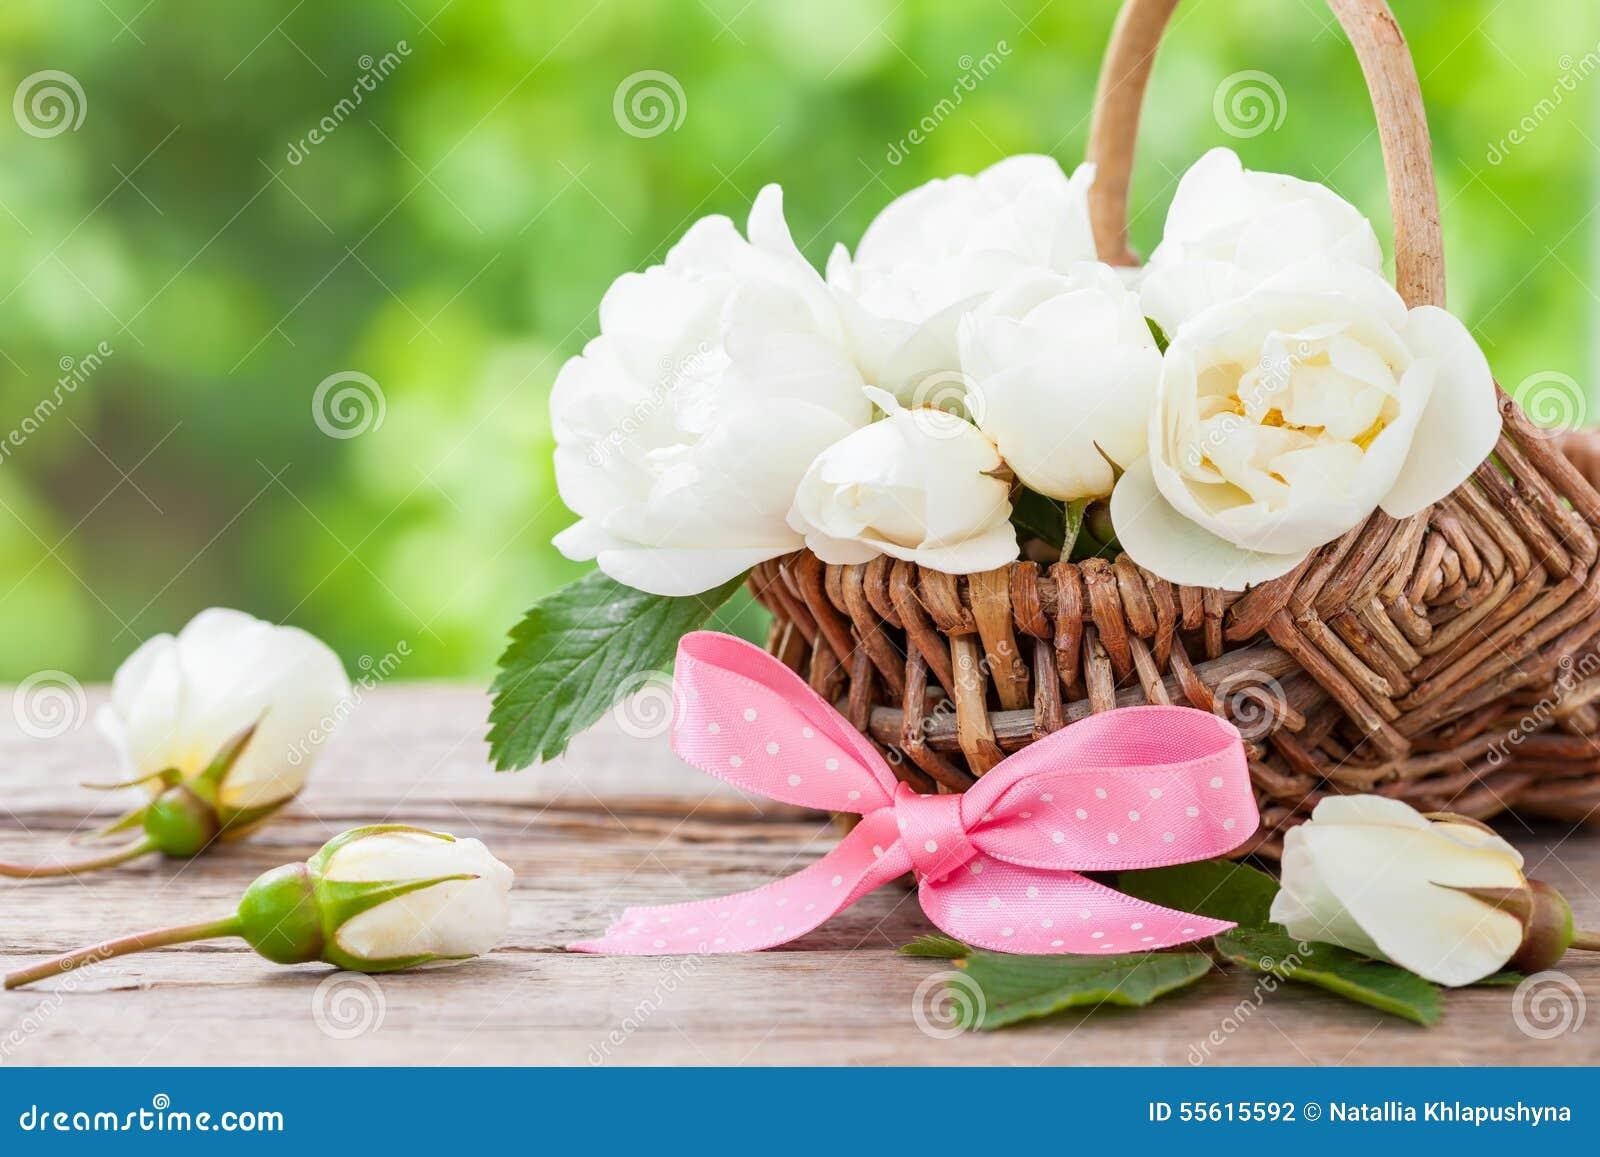 panier en osier rustique avec les fleurs roses sauvages et. Black Bedroom Furniture Sets. Home Design Ideas